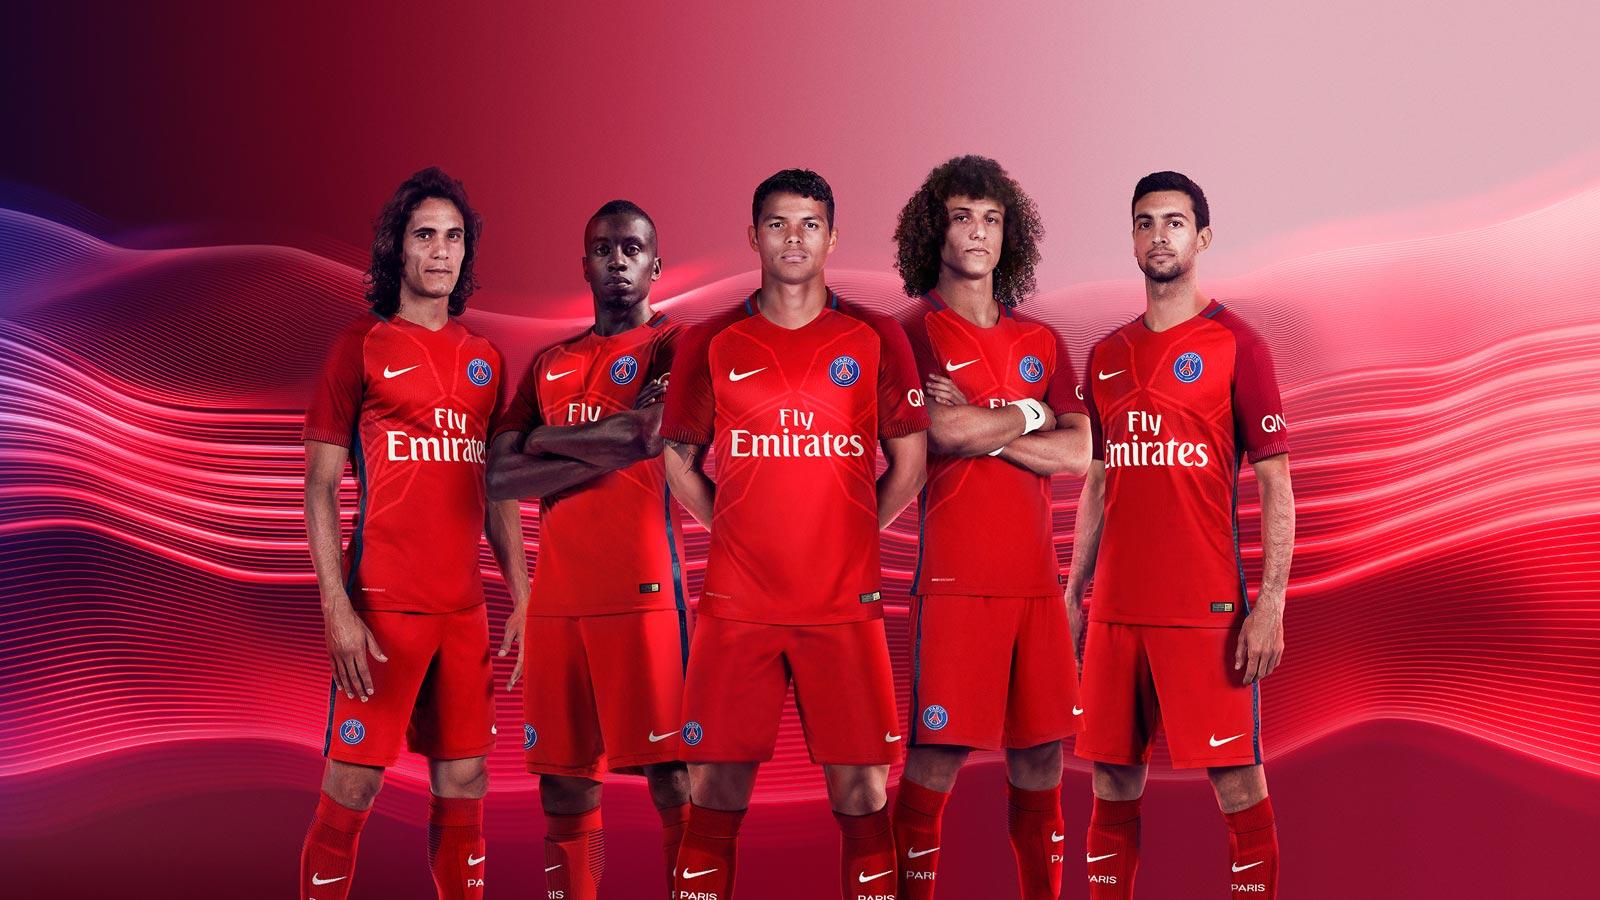 Blue Shades Paris Saint Germain 16 17 Away Kit Released Footy Headlines